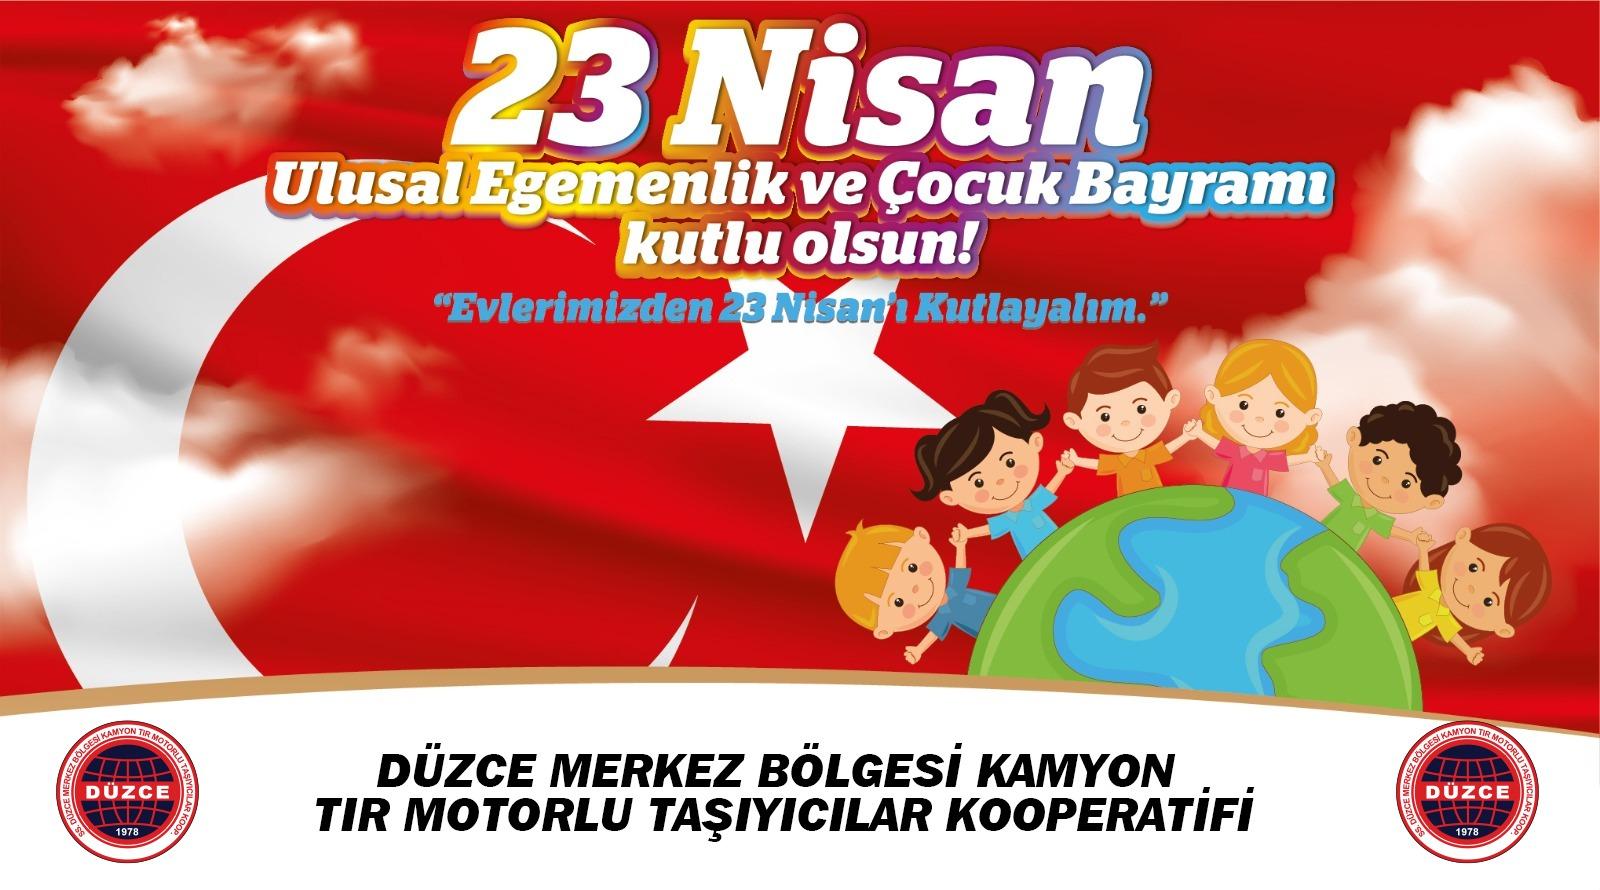 b25395e8-309c-4e26-b5cc-470cc4ca0a43.jpg